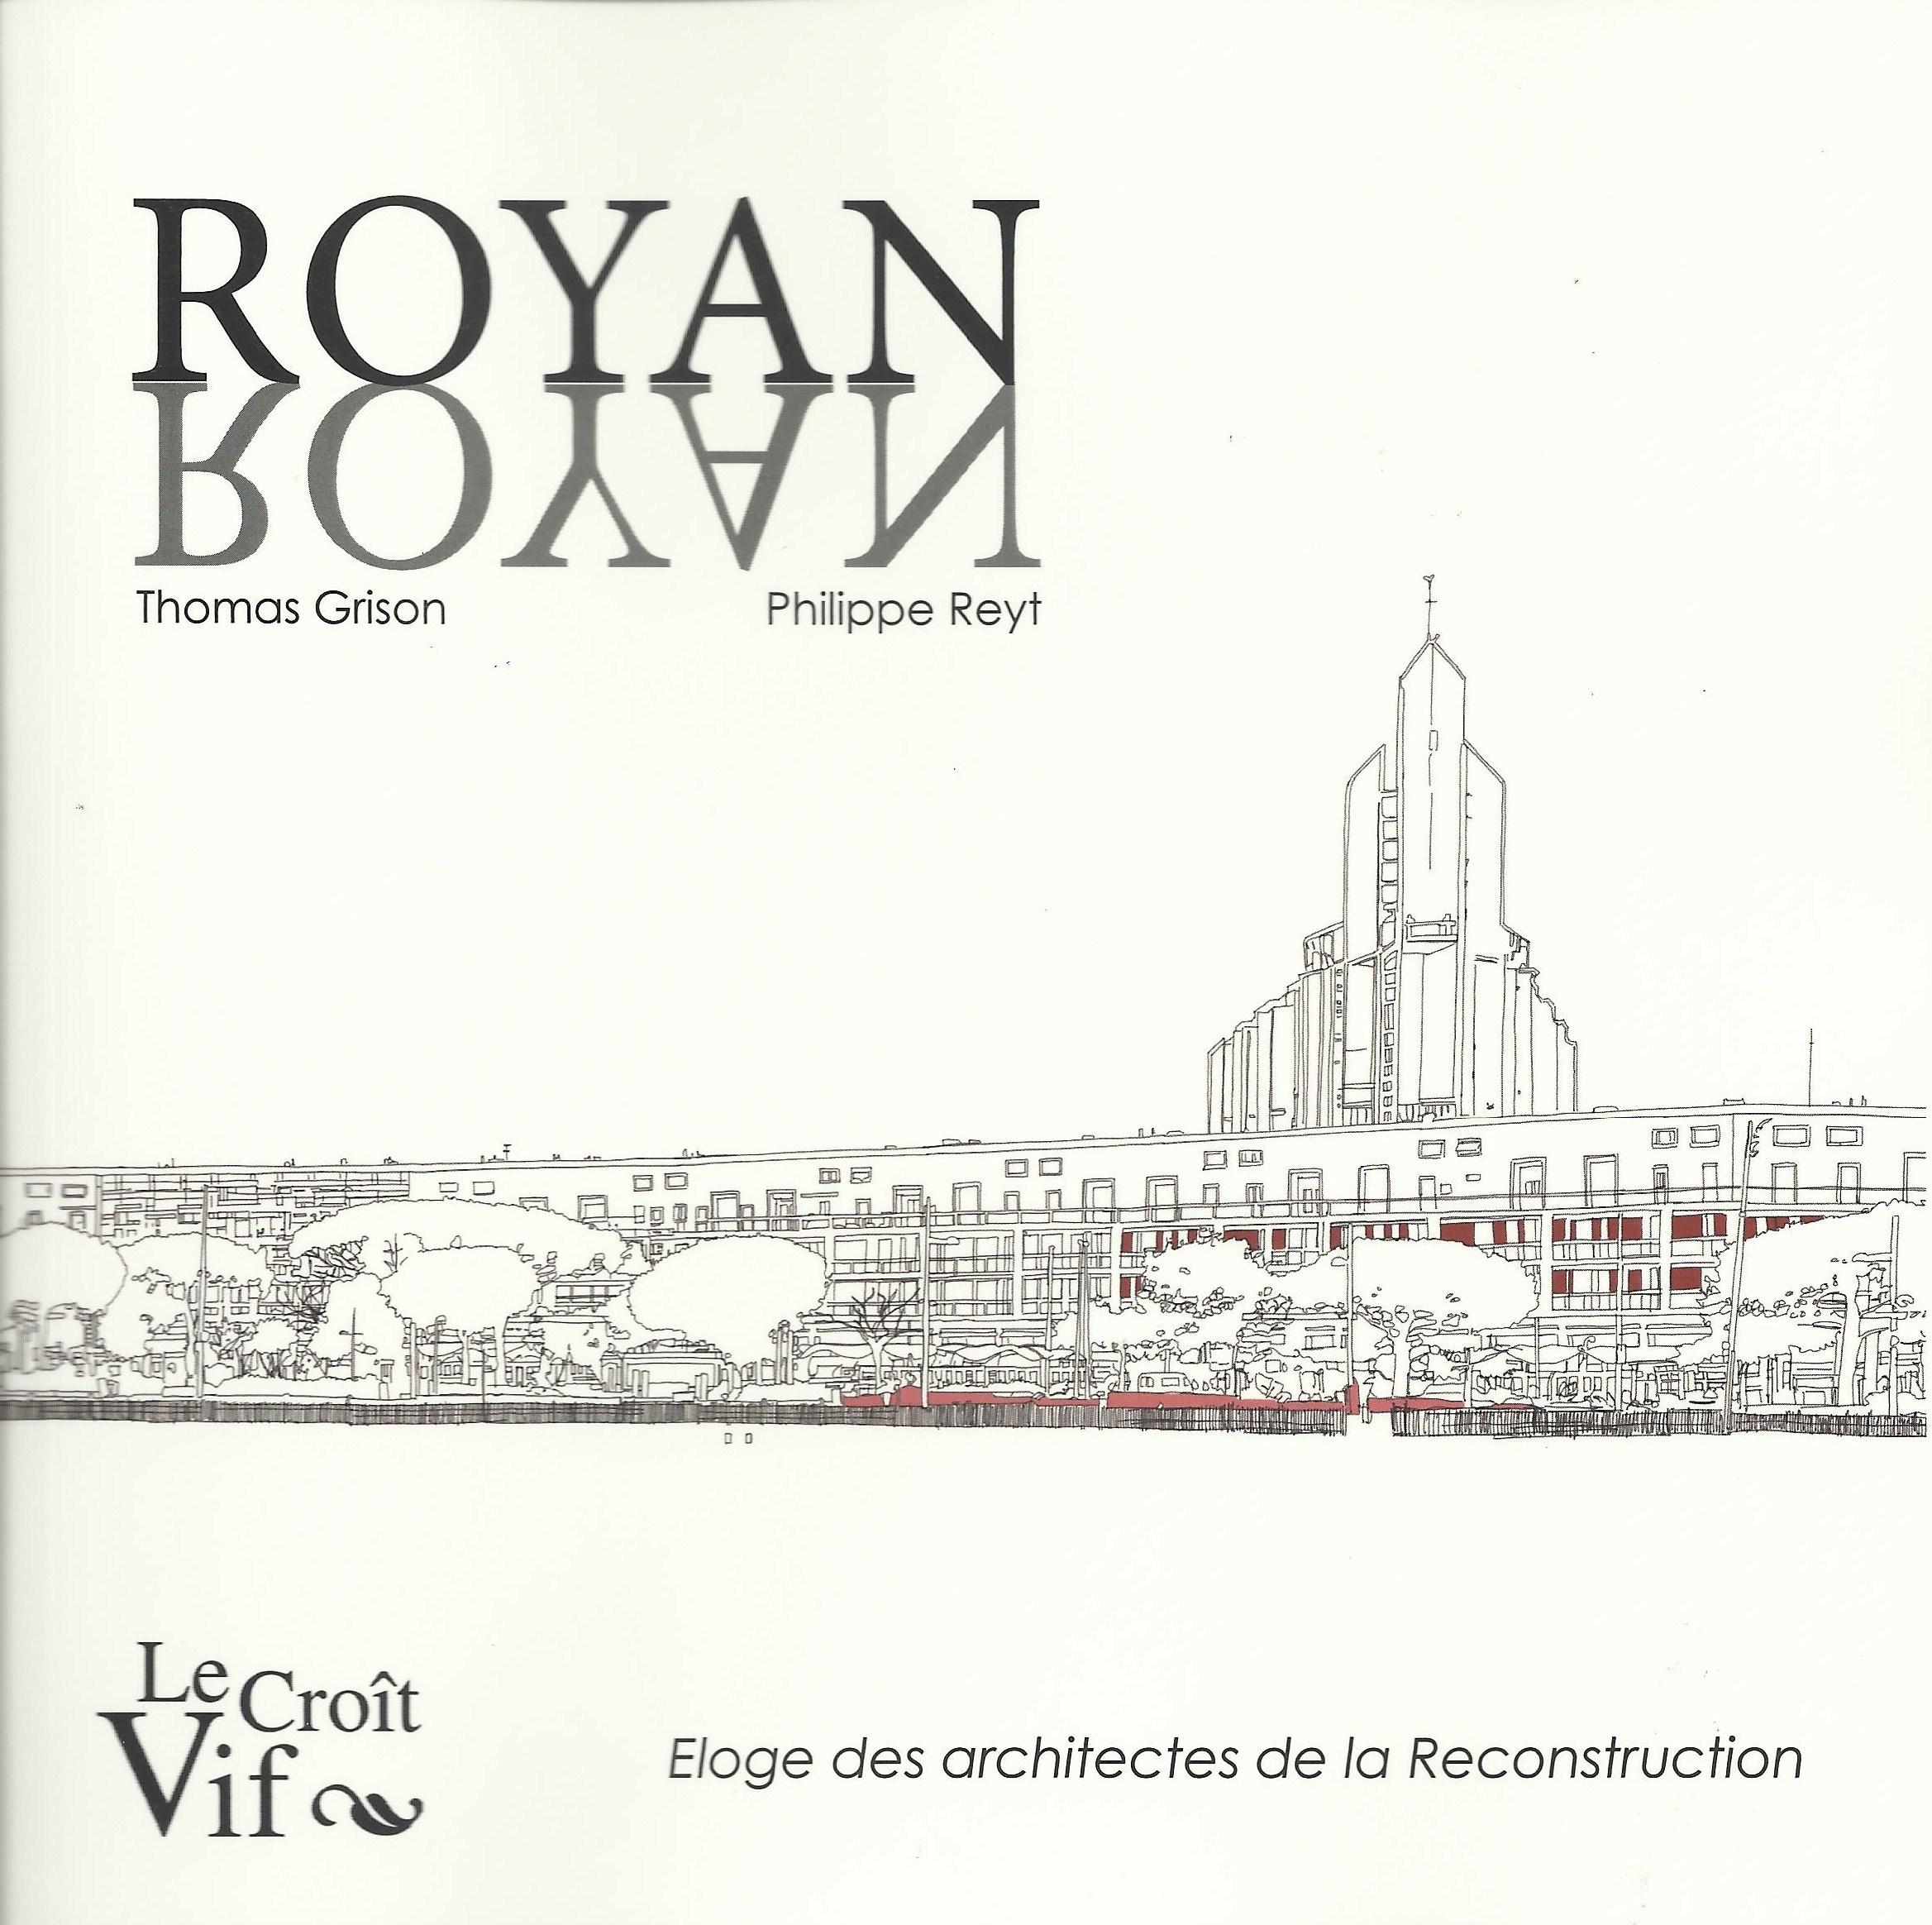 ROYAN NAYOR ELOGE DES ARCHITECTES DE LA RECONSTRUCTION